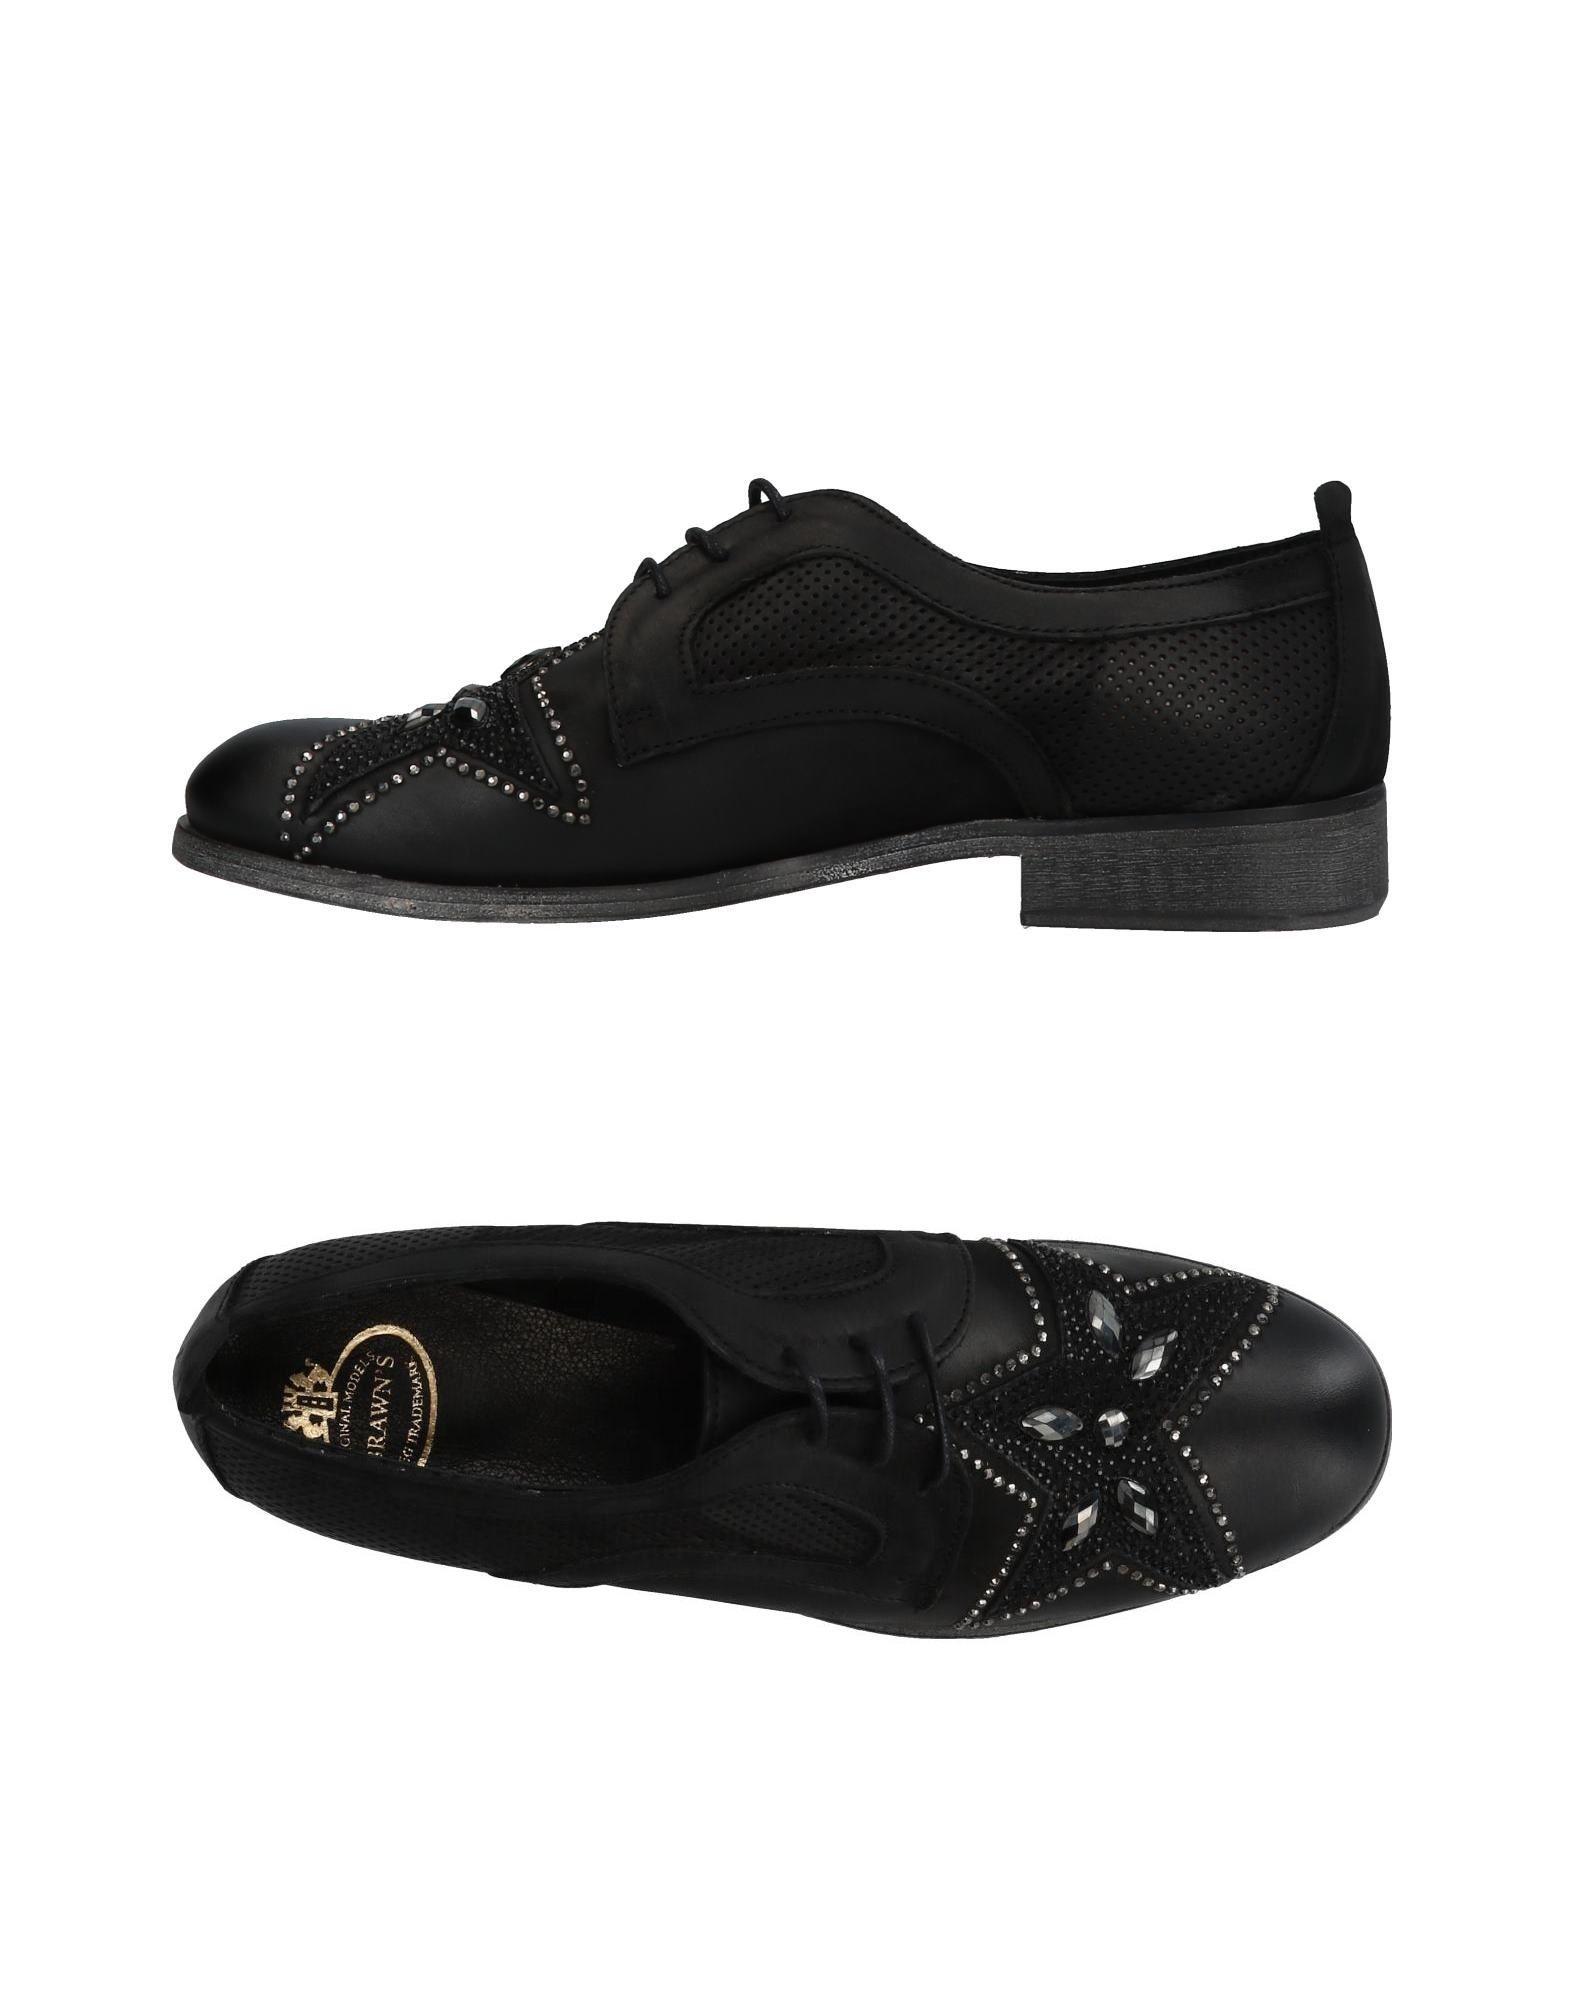 BRAWN'S Обувь на шнурках первый внутри обувь обувь обувь обувь обувь обувь обувь обувь обувь 8a2549 мужская армия green 40 метров